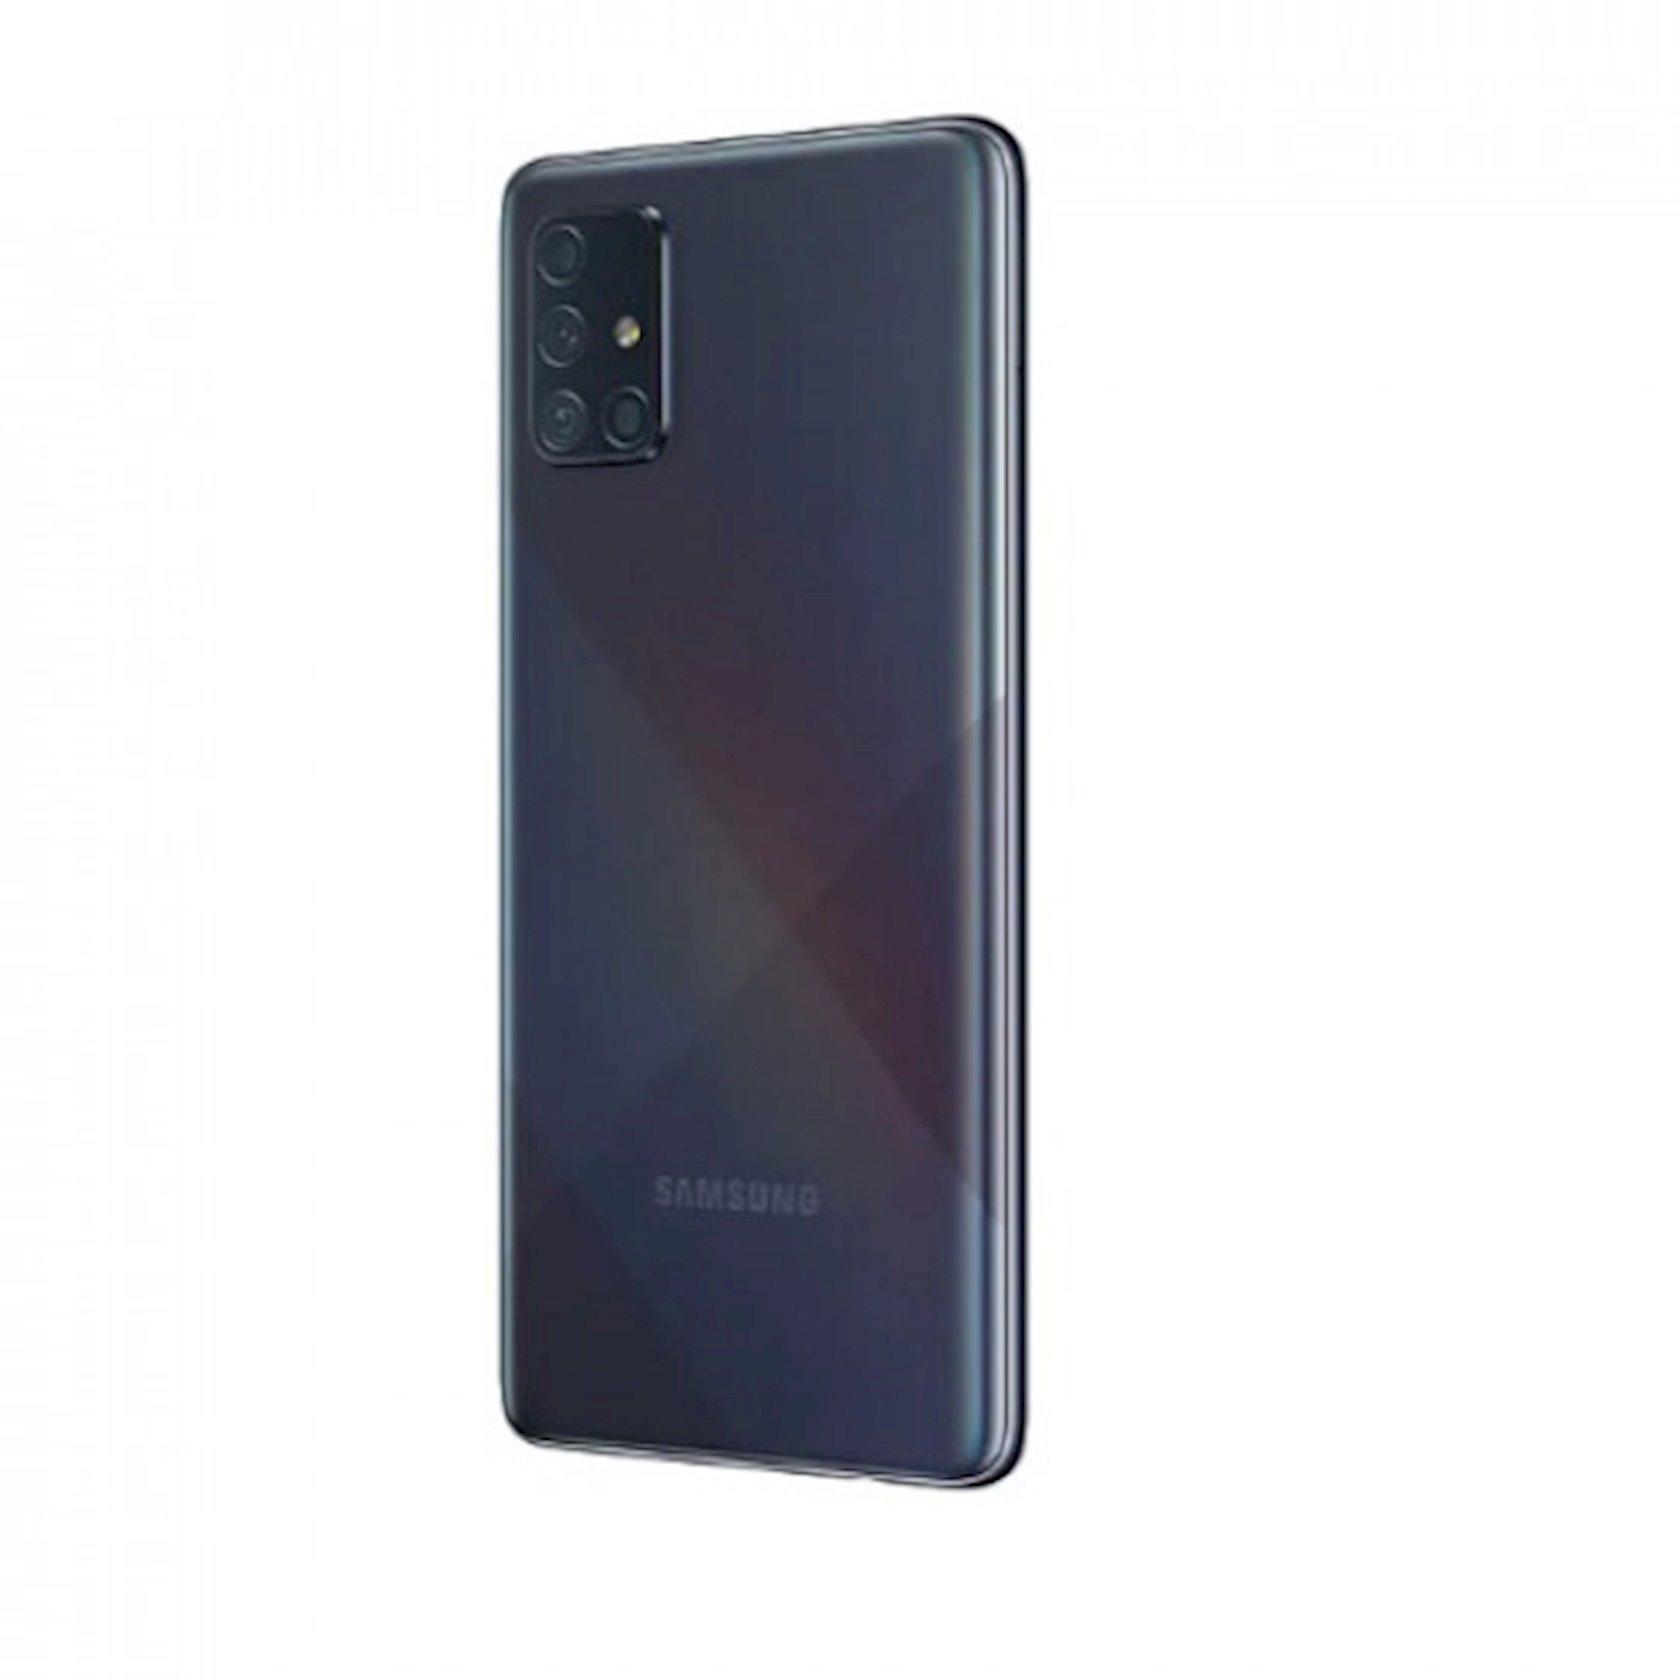 Smartfon Samsung Galaxy A71 6GB/128GB Black